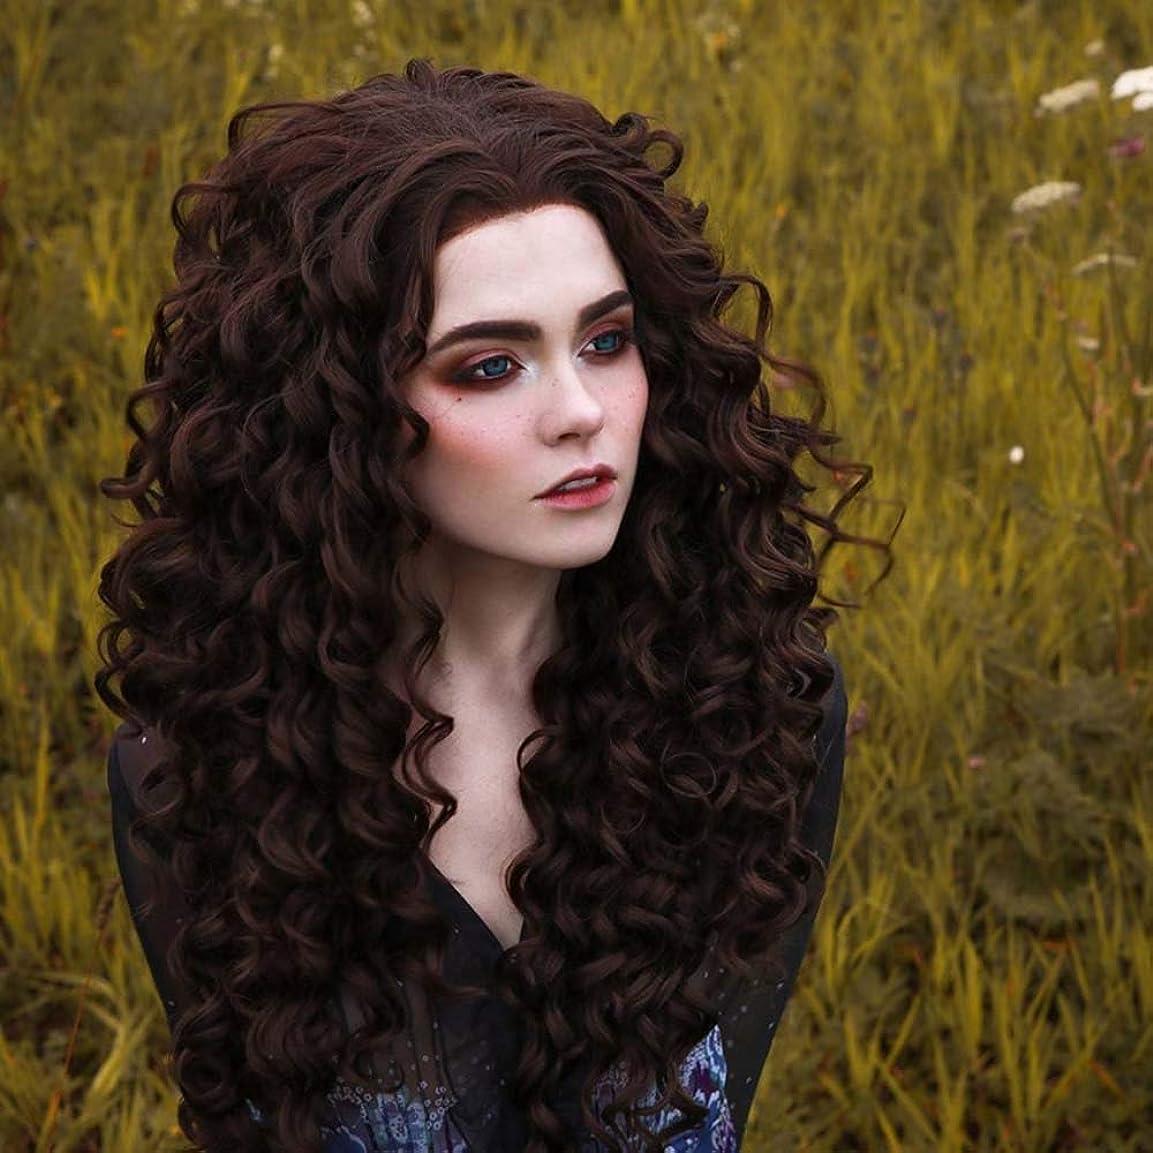 独特の歯痛労働ZXF さんヨーロッパアフリカフロントレース茶色の小さな小さな波化学繊維前髪高温シルクヘッドふわふわ モデルの女性のかつらは染色することができます 美しい (Size : 26